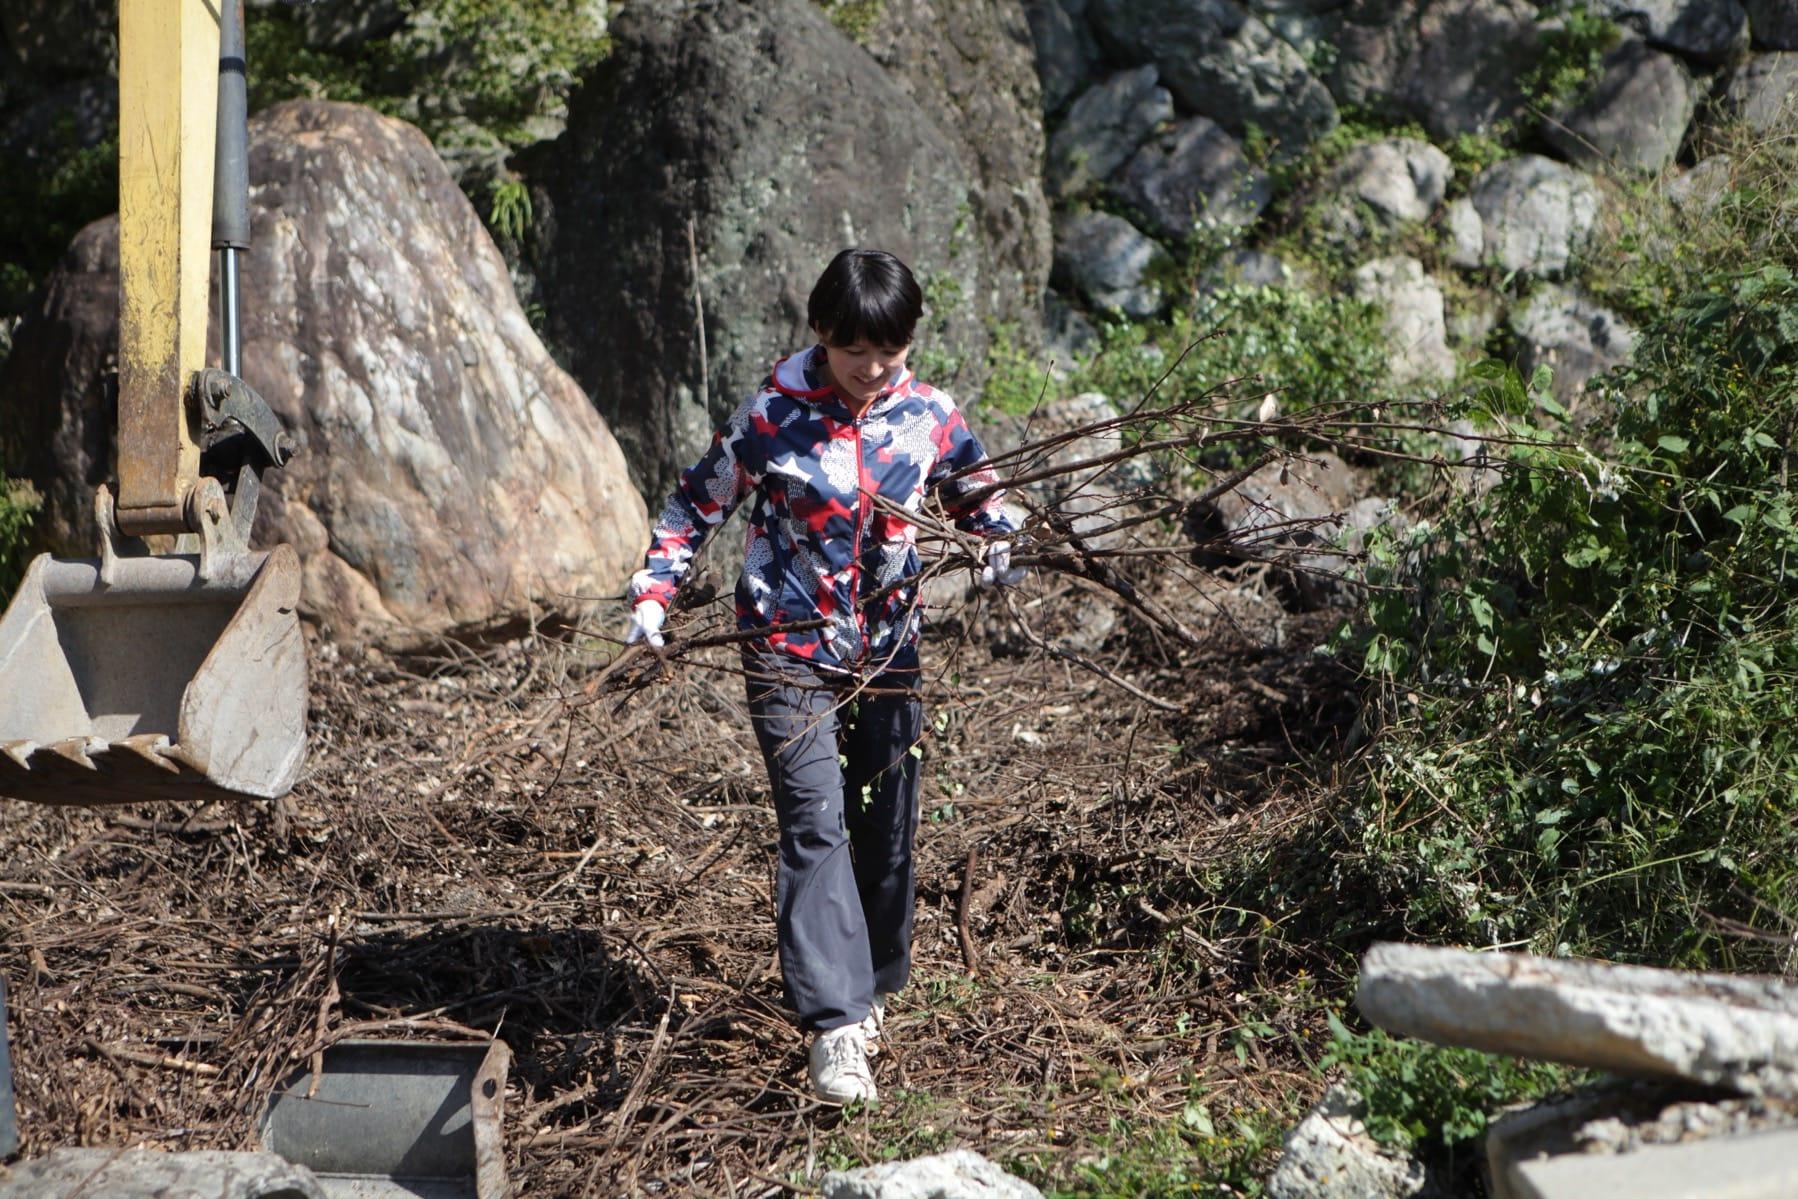 インタビュー後、西分の家の庭の片付けを始めた赤尾さん。このあとつなぐ公社代表理事・杼谷学さんも現れて一緒に作業をしていました。